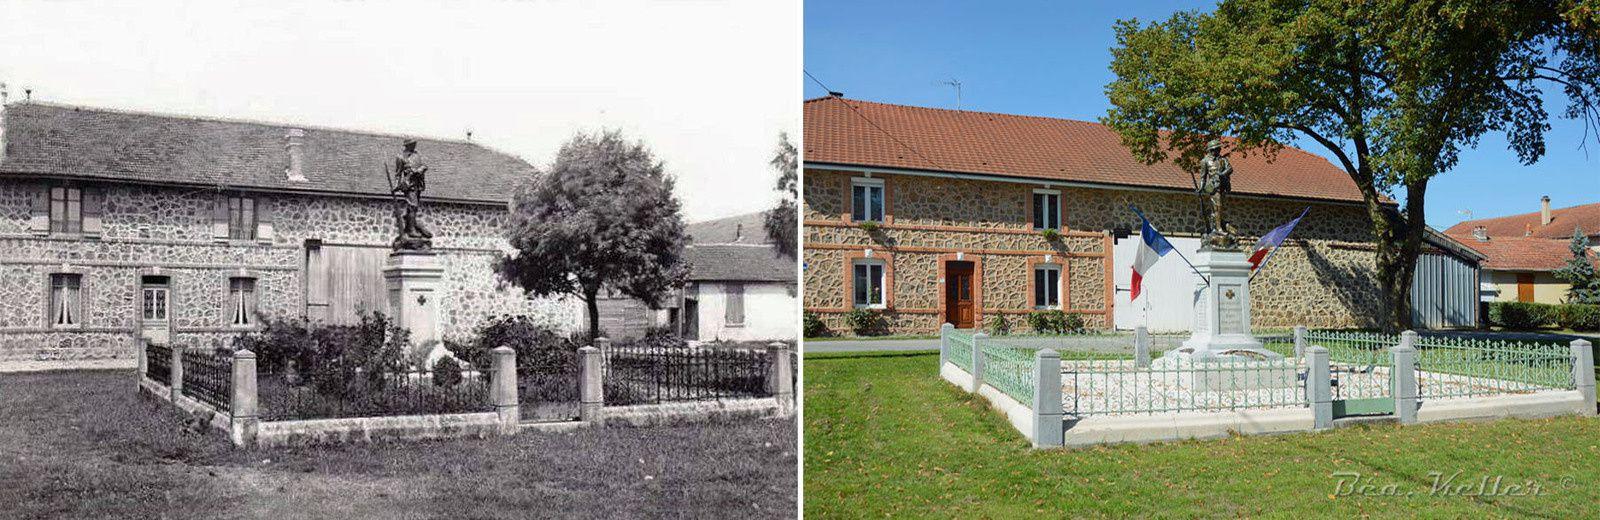 Cernay-en-Dormois : le Monument aux Morts